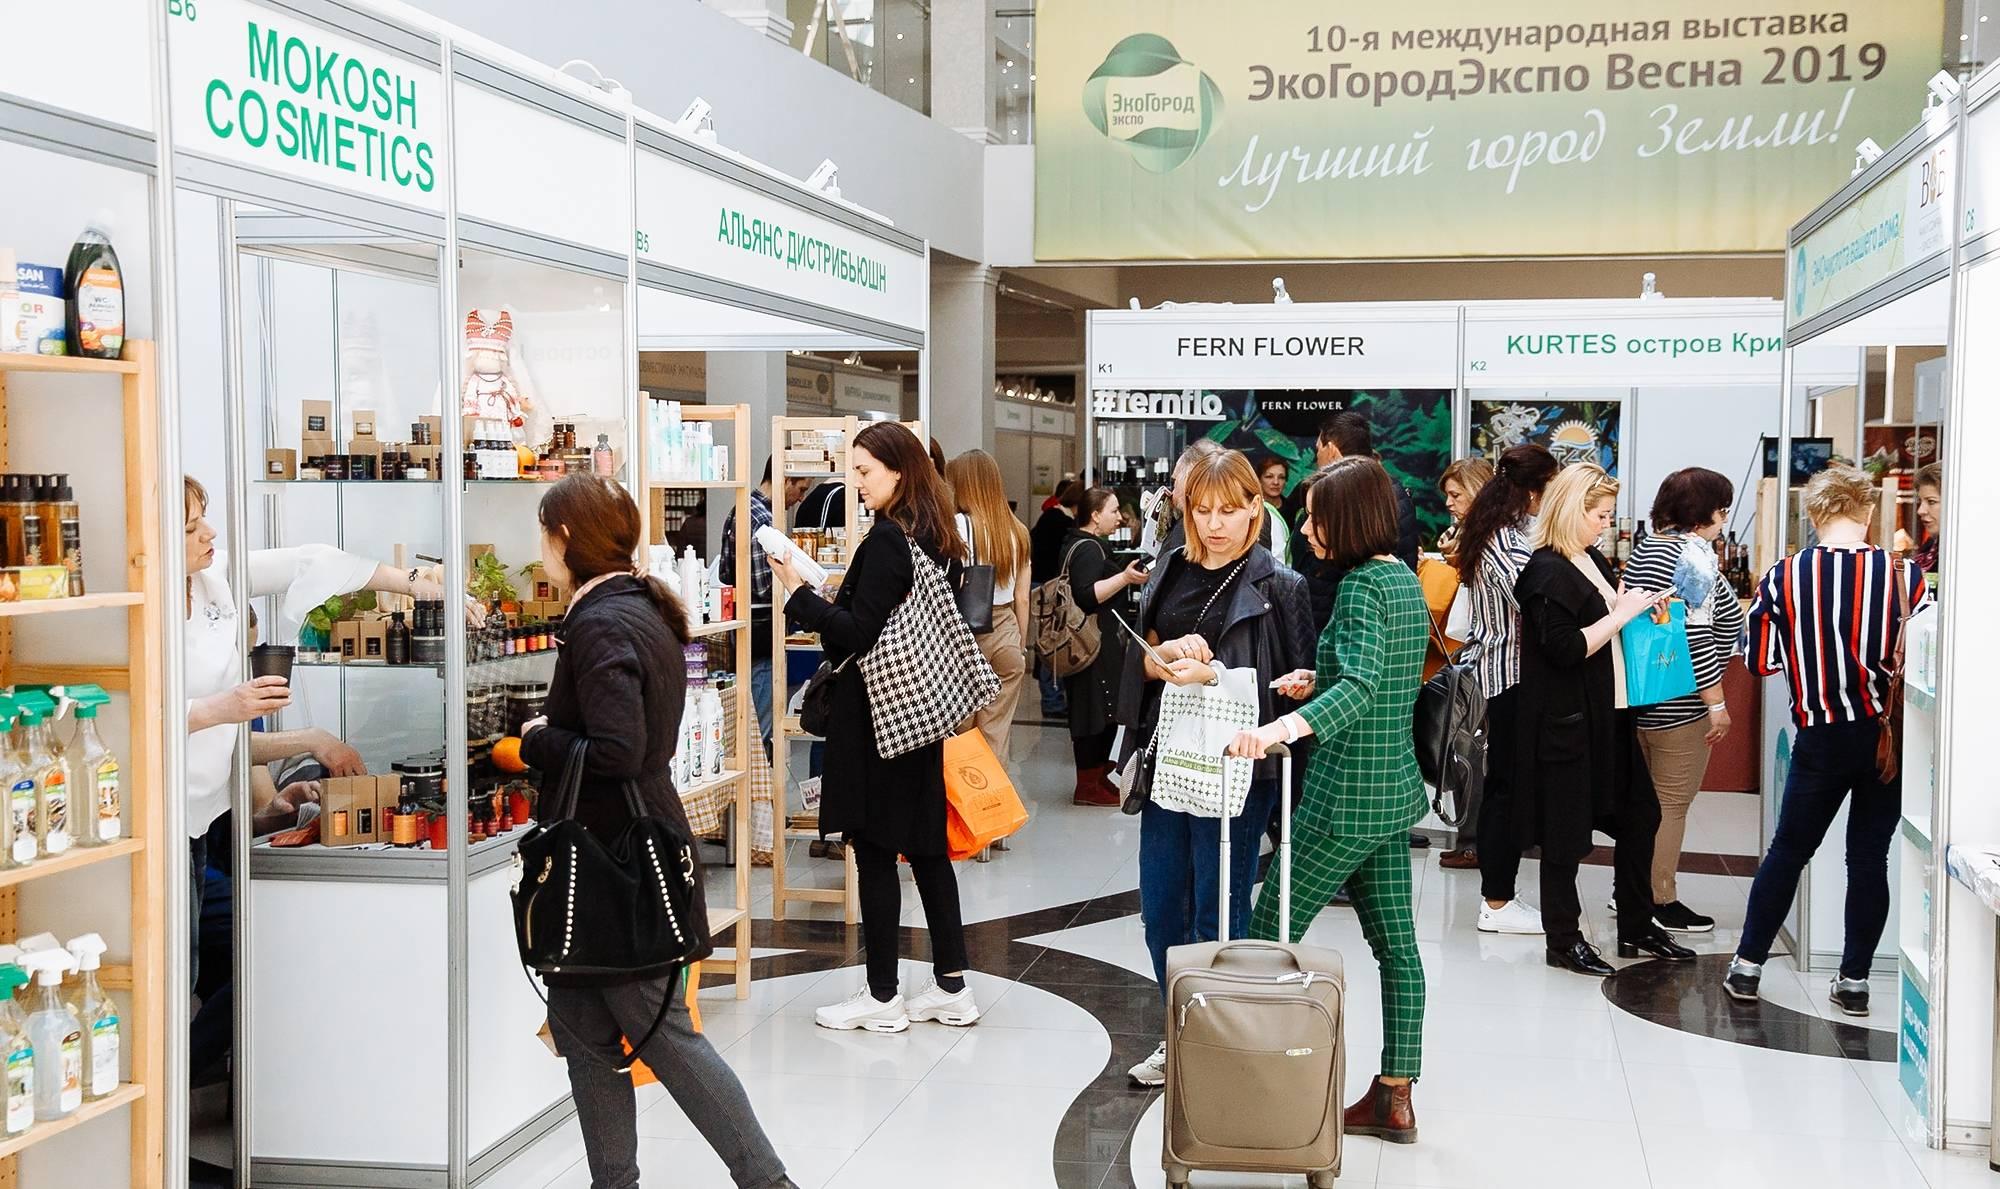 Итоги 10 международной выставки ЭкоГородЭкспо Весна 2019